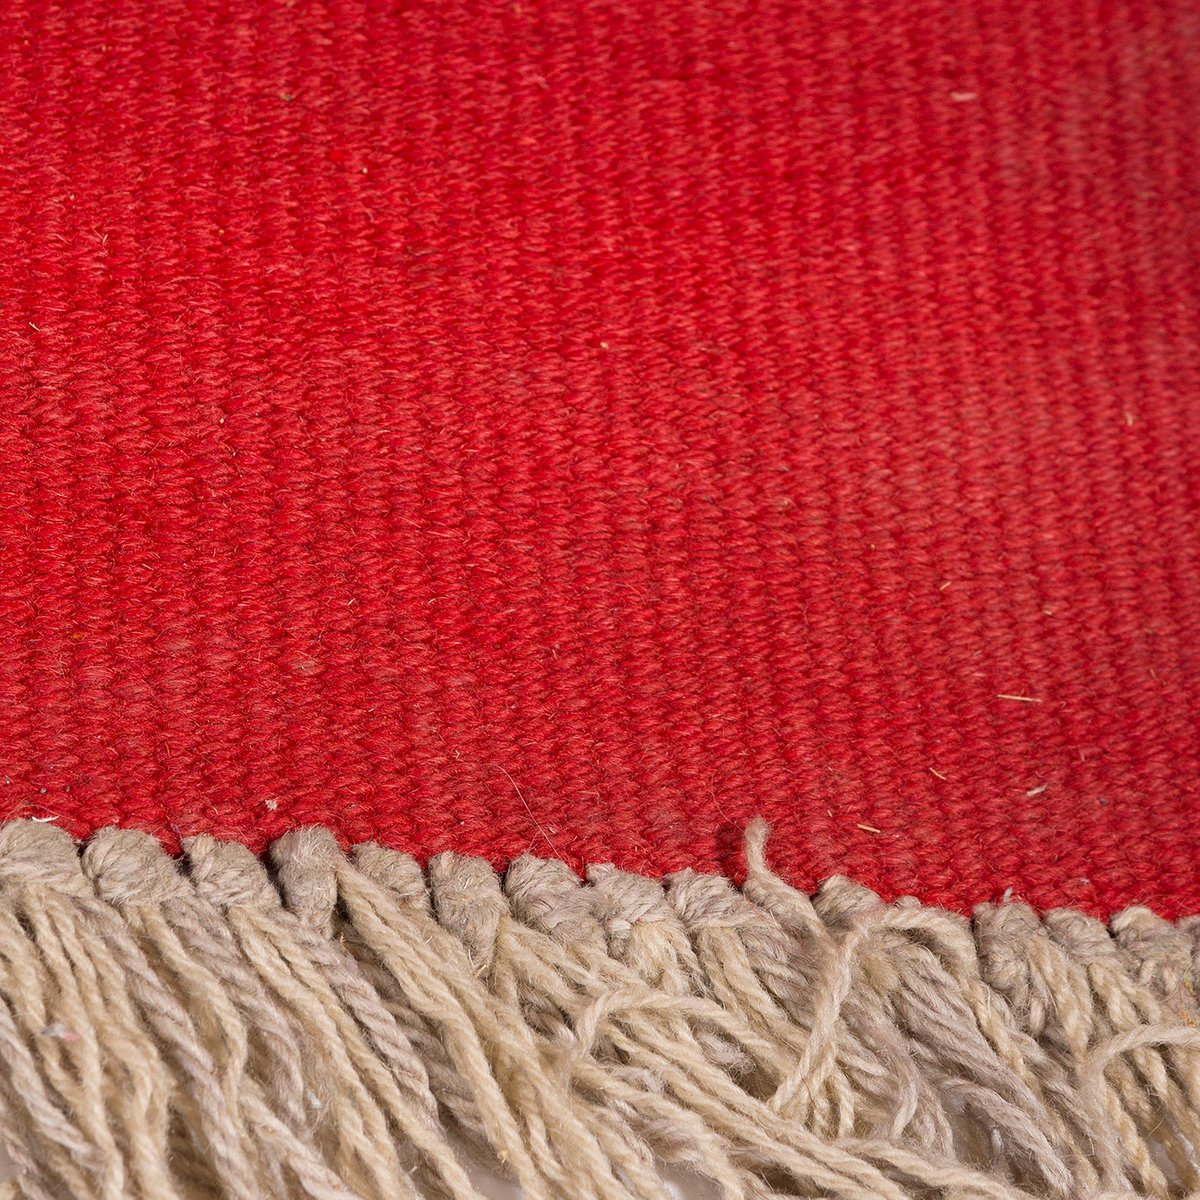 tschechischer vintage teppich mit geometrischem muster in rot und schwarz bei pamono kaufen. Black Bedroom Furniture Sets. Home Design Ideas